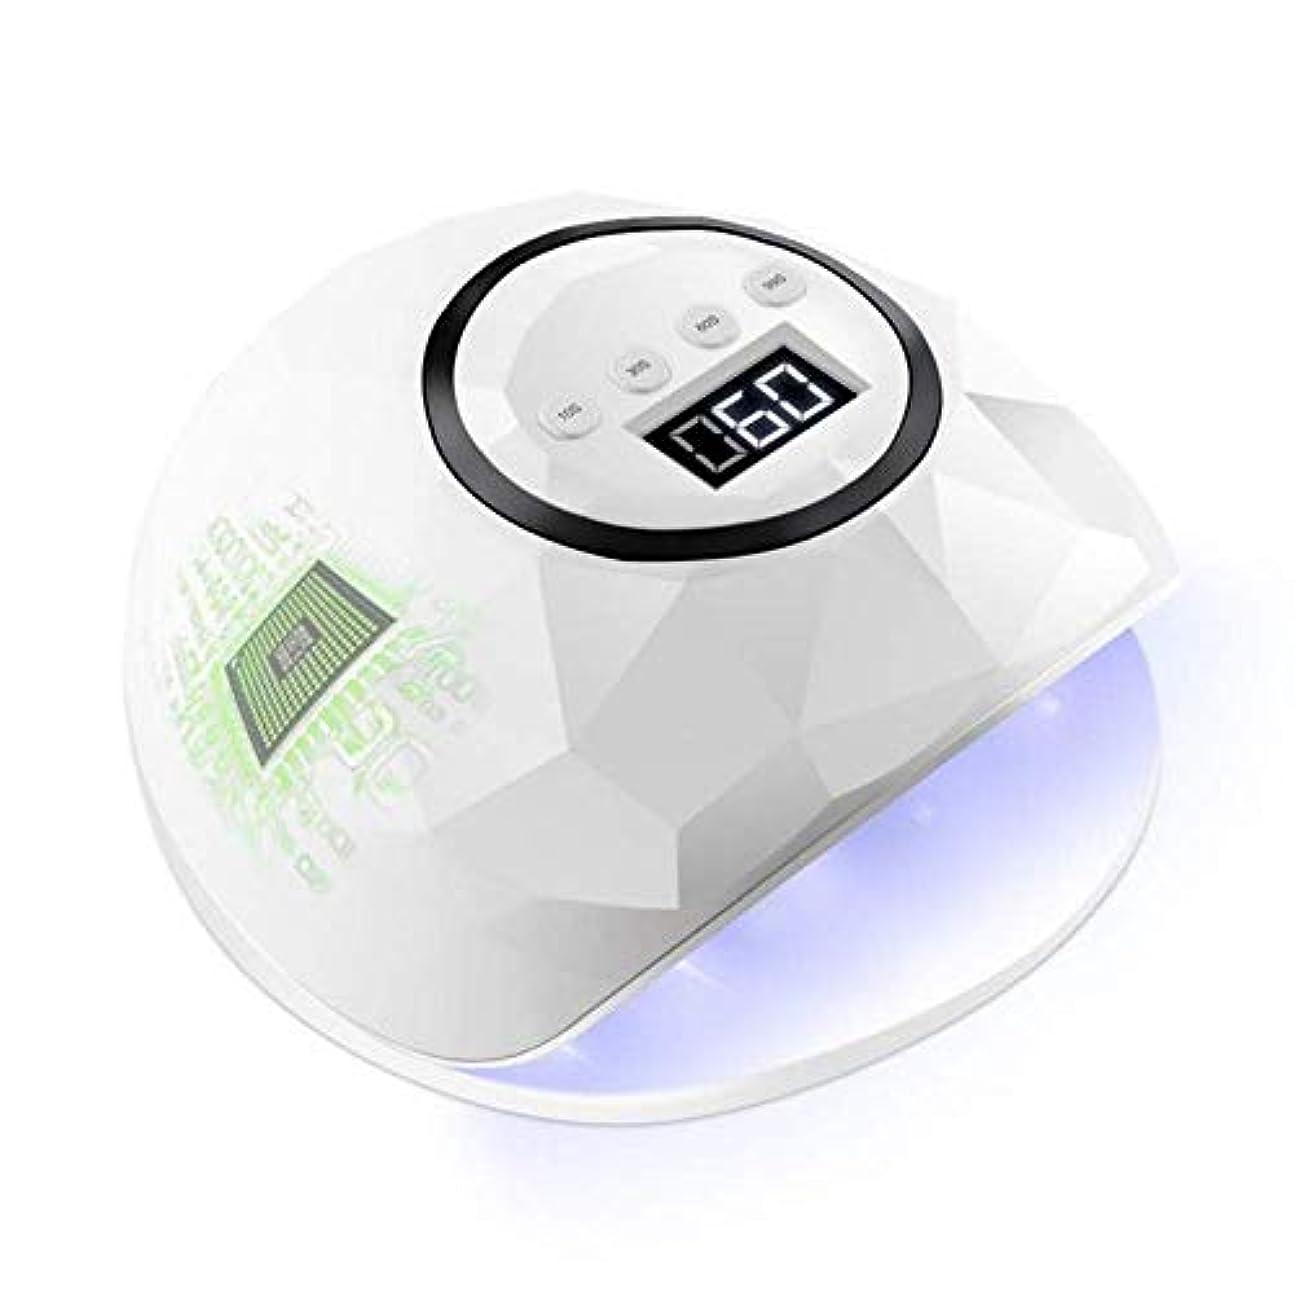 モンキー申請中災難ネイルドライヤー72ワットネイルドライヤーLEDデュアルUV LEDネイルランプ用硬化UVジェルネイルポリッシュセンサー付きネイルアートランプLedマニキュア